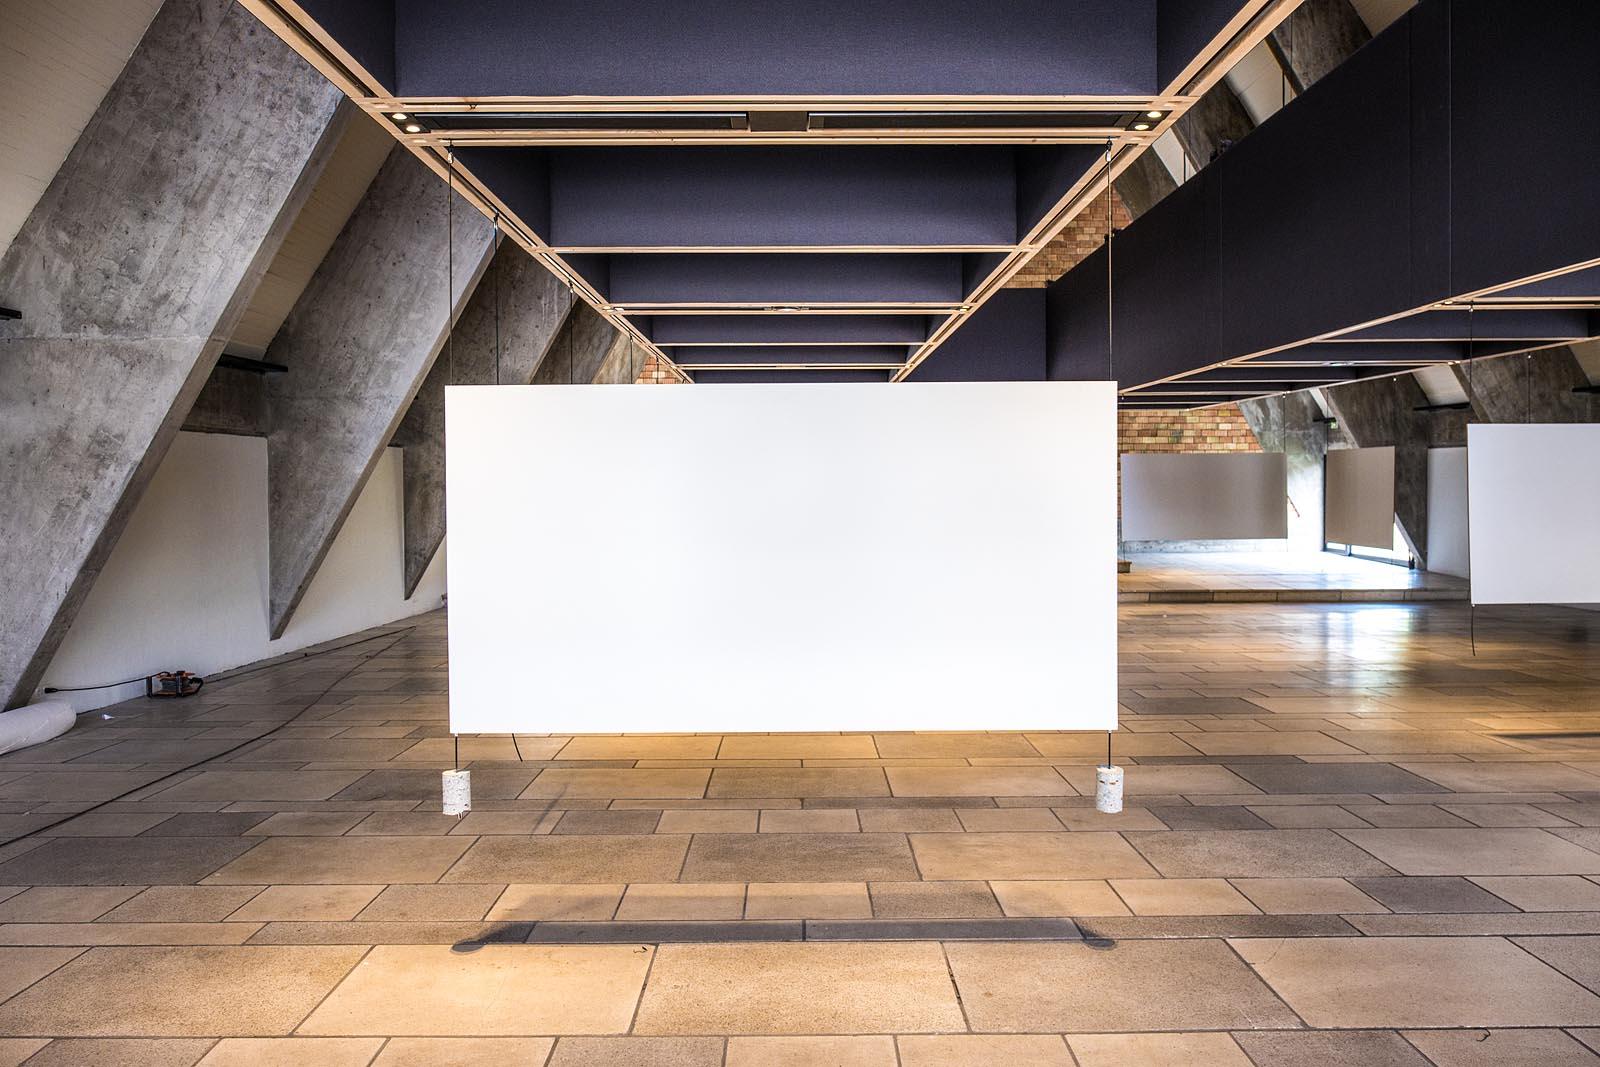 Photographe Centre D'art Contemporain En Savoie : Curiox, Ugine